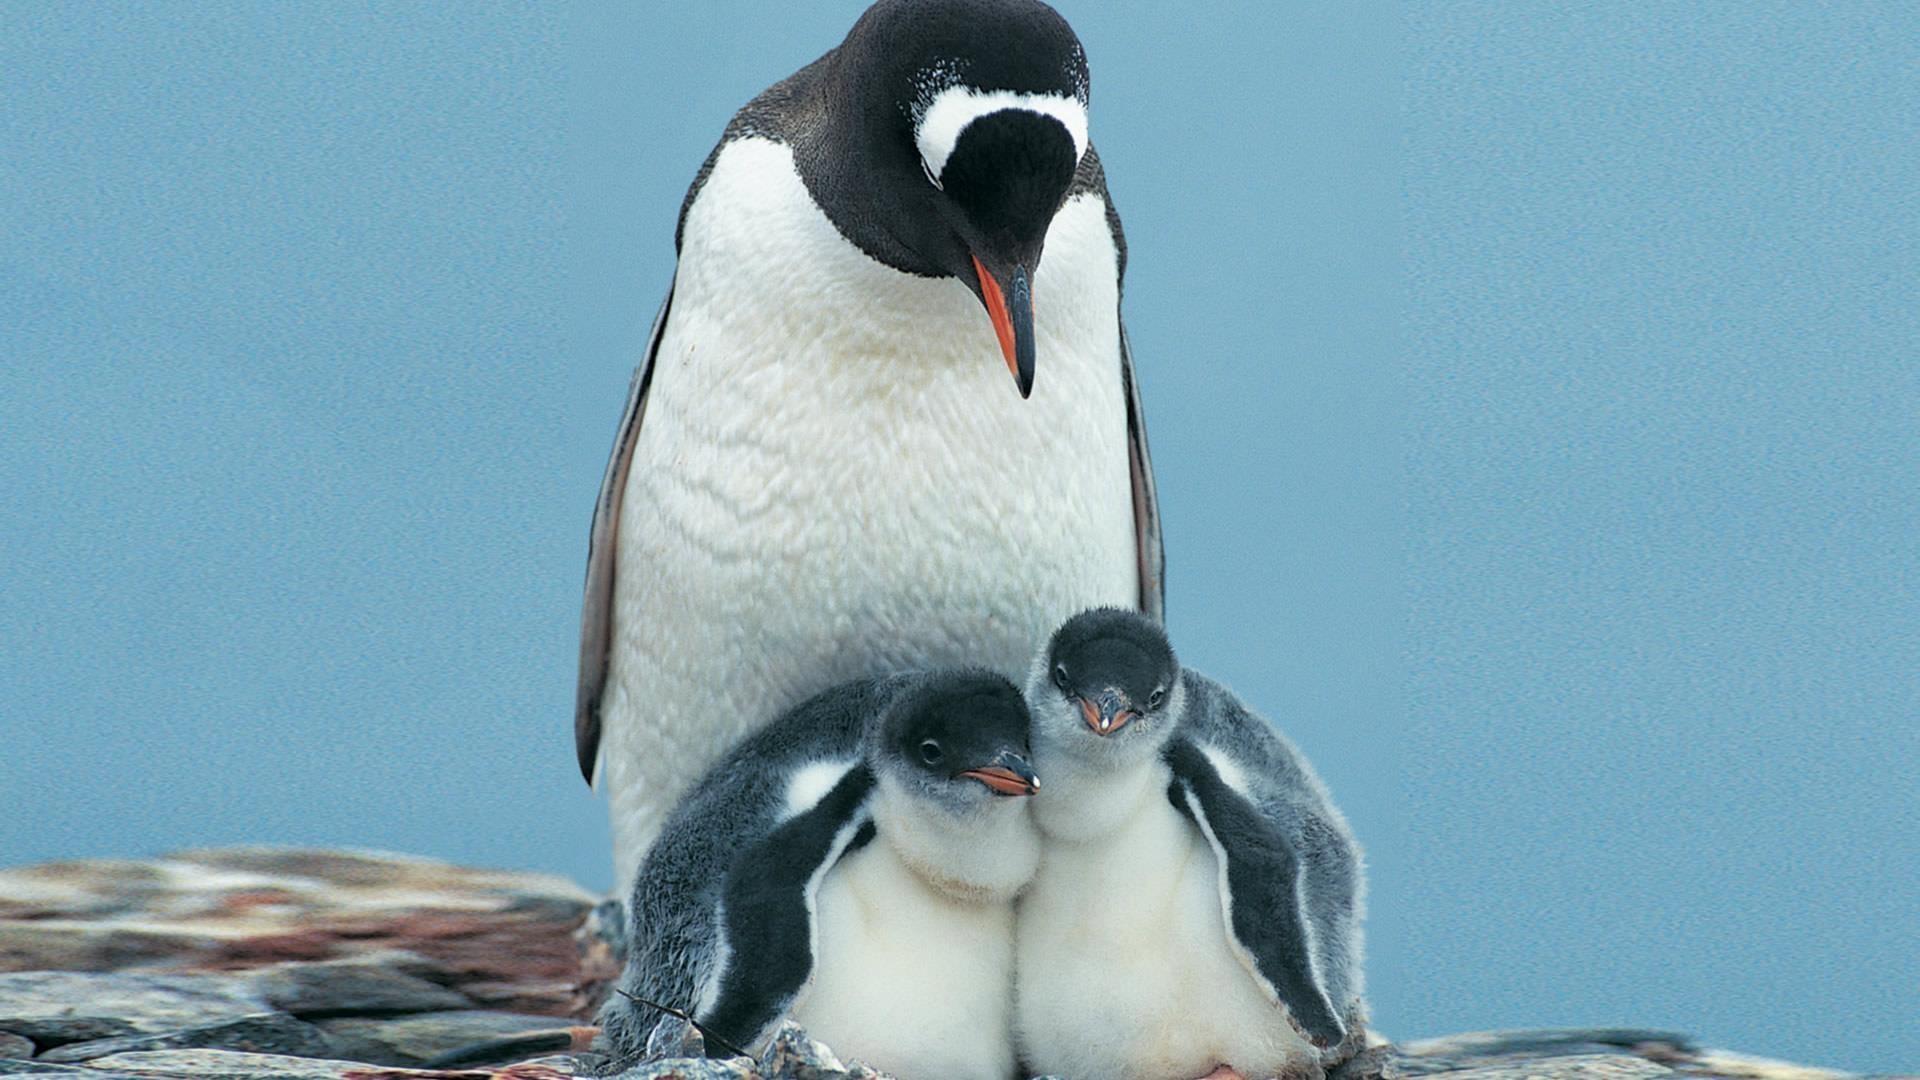 Penguin-Photos-HD